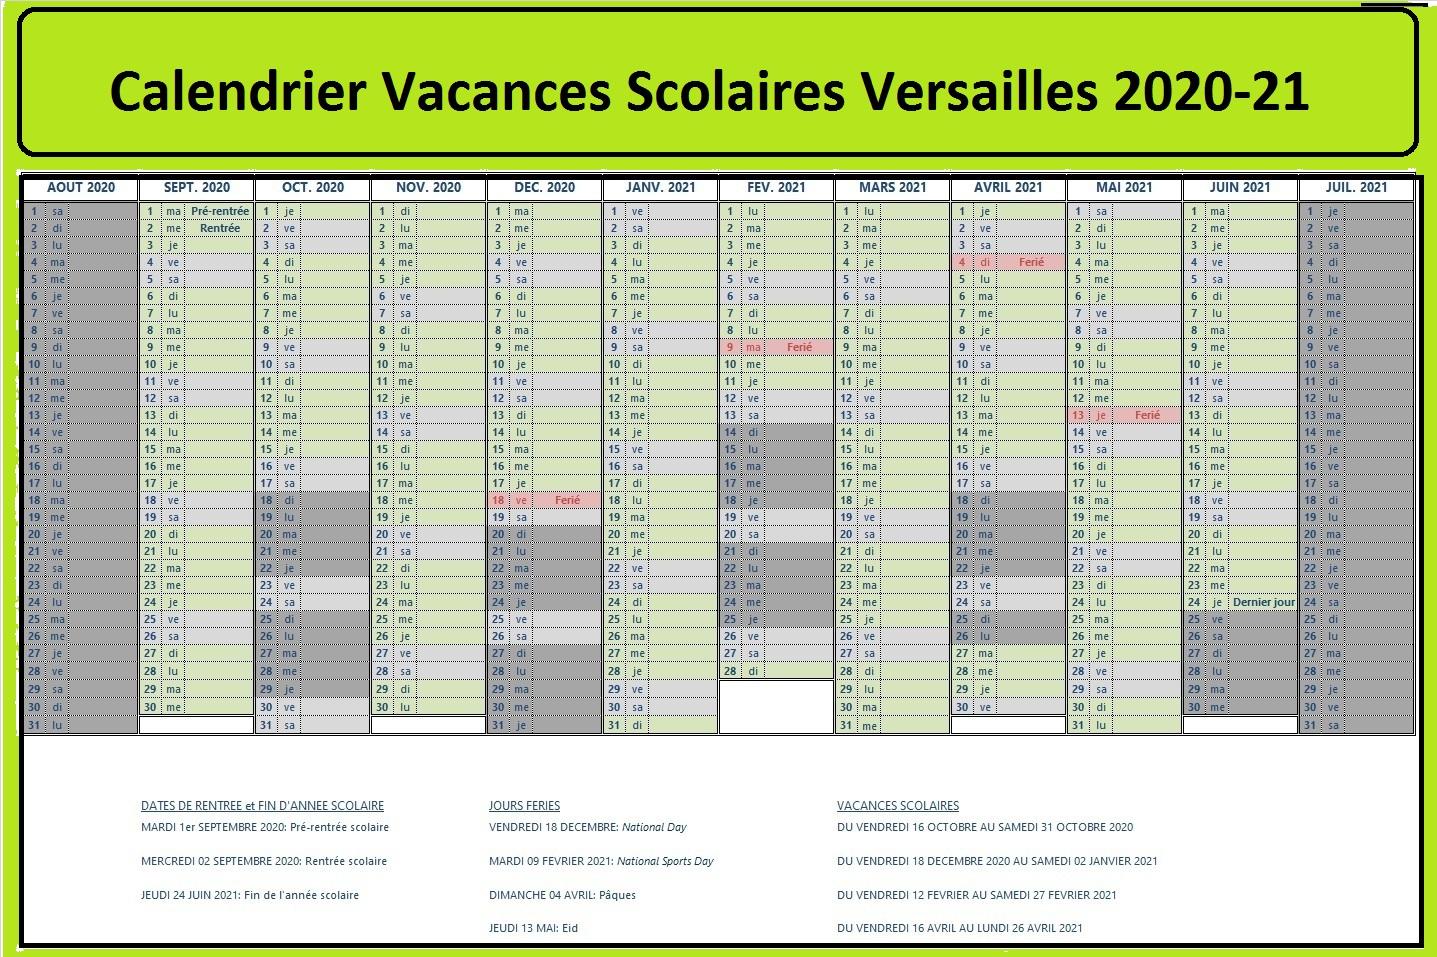 Calendrier Vacances Scolaires 2020 Academie De Versailles